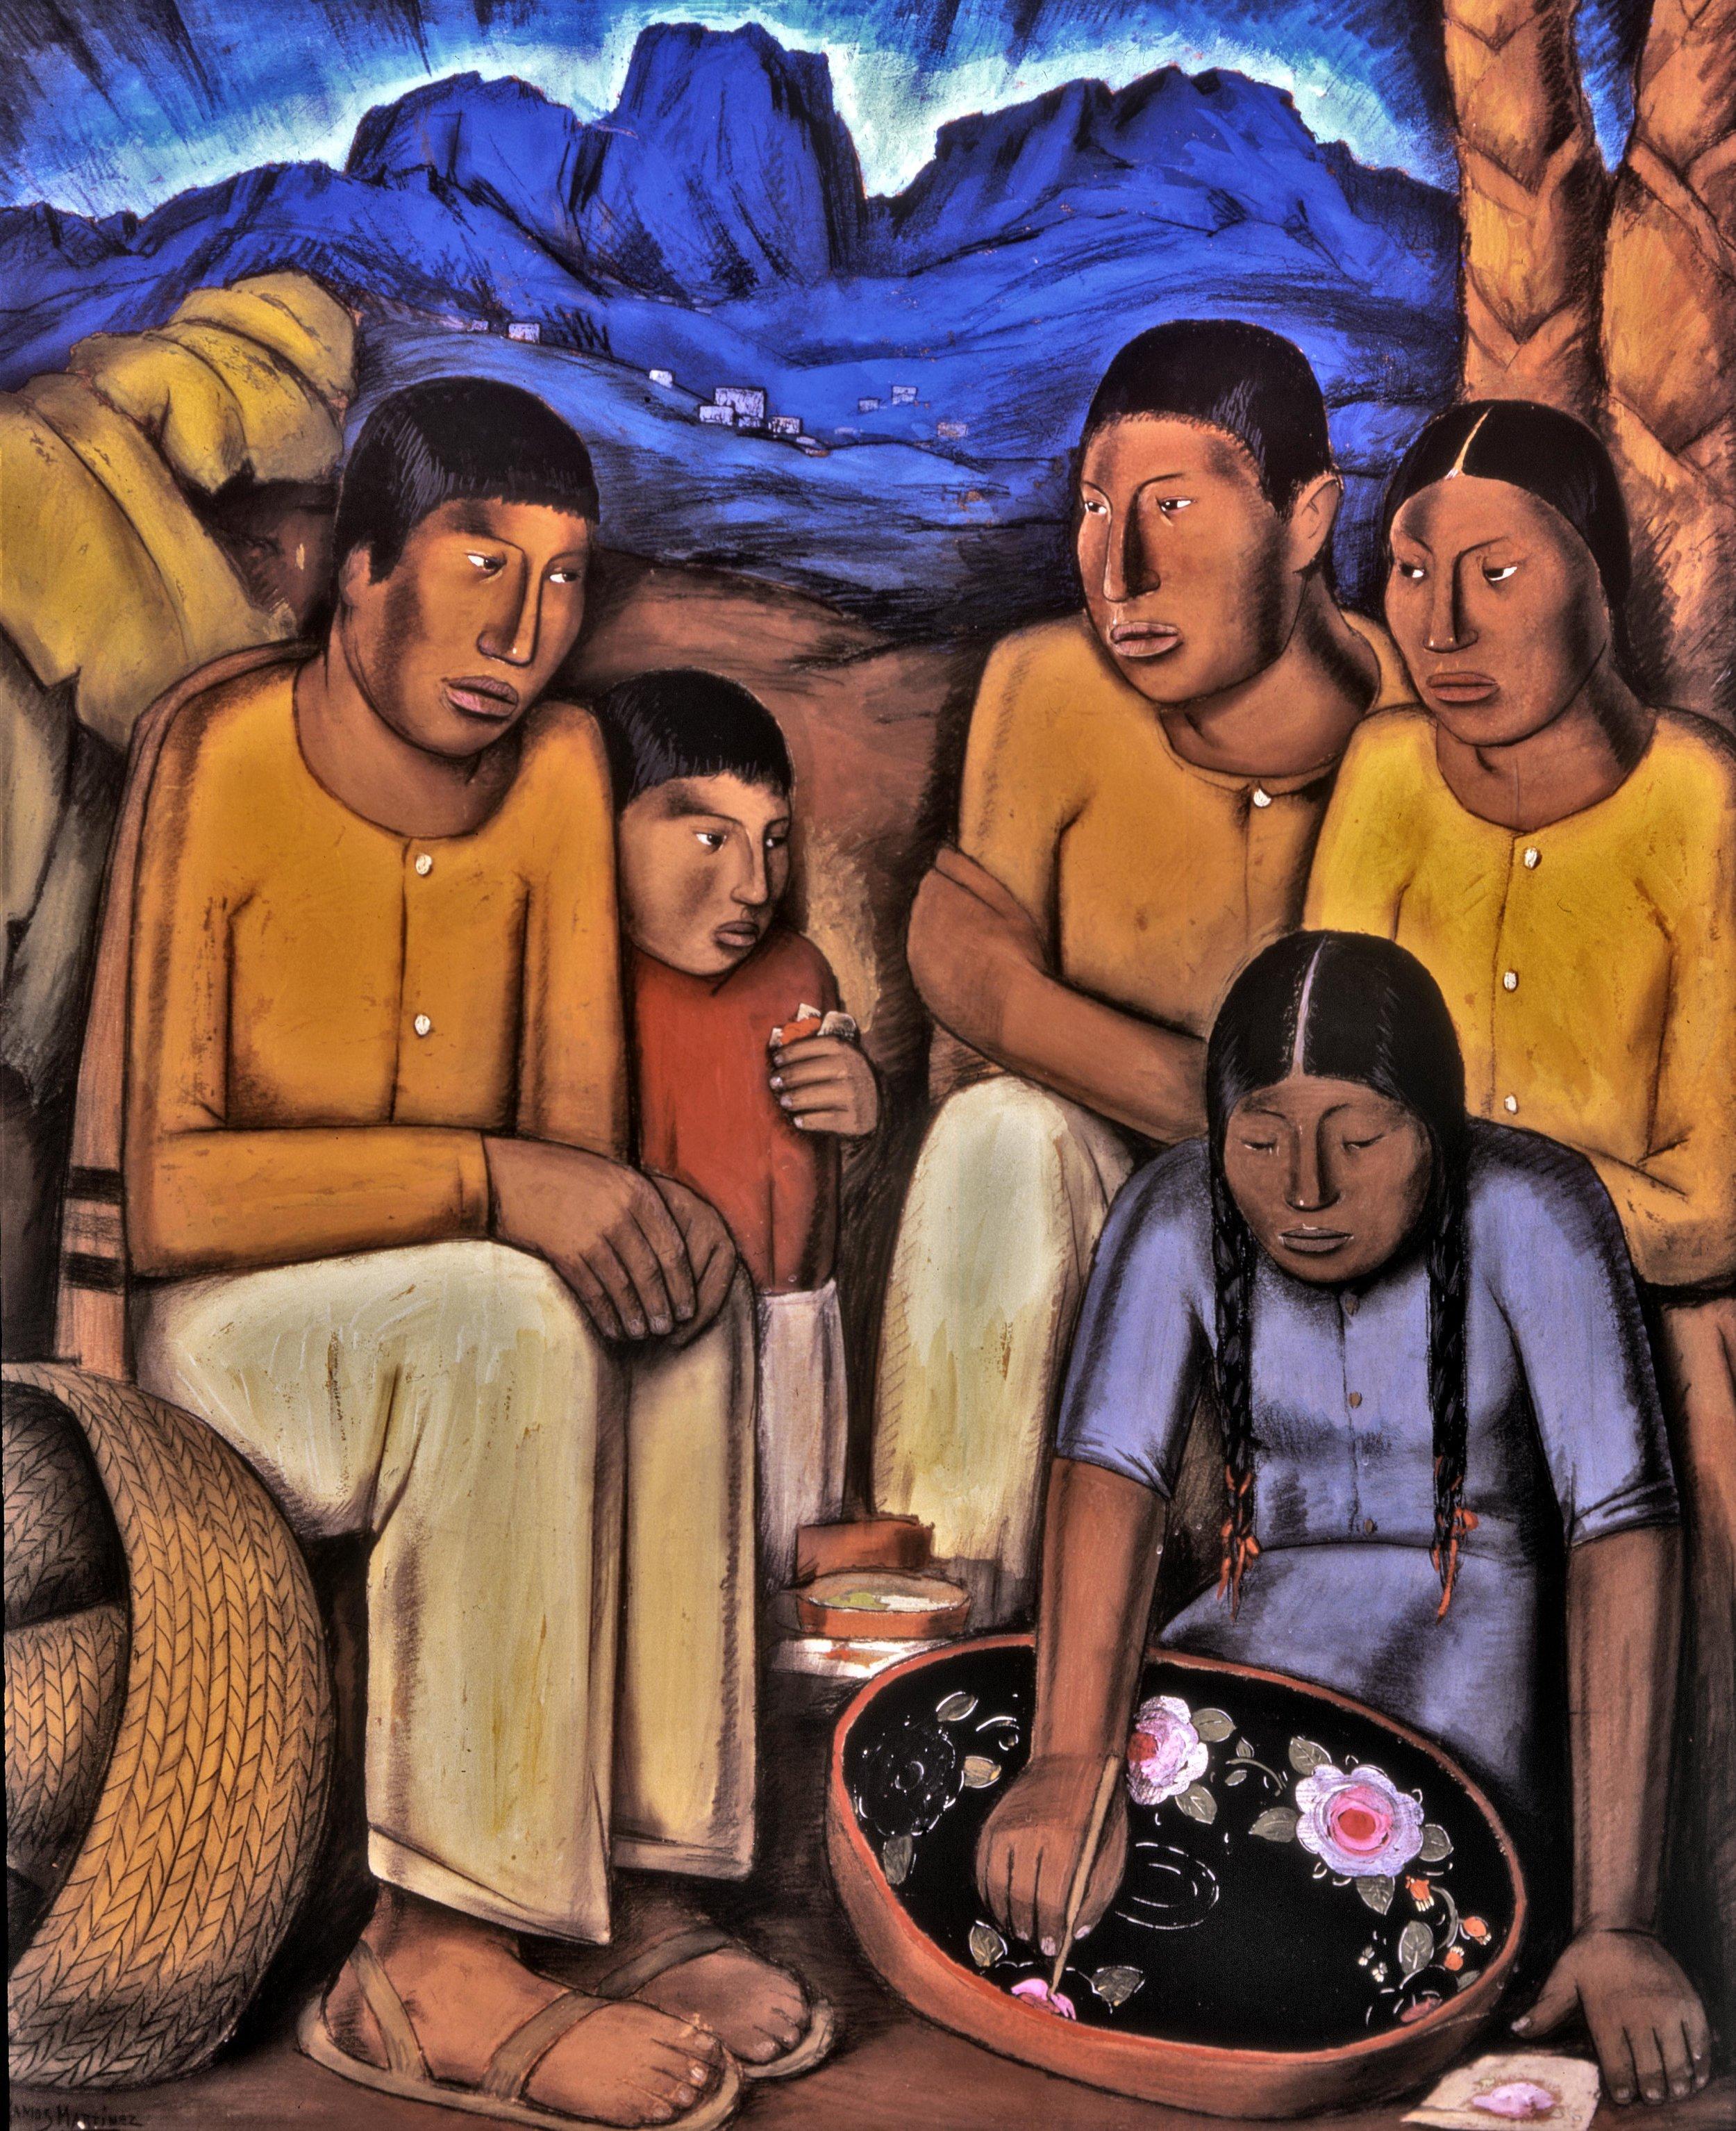 La Pintora de Uruapan / The Painter from Uruapan  ca. 1930 tempera on board / temple sobre tabla 47.5 x 38.8 inches; 120.7 x 98.4 centímetros Private collection